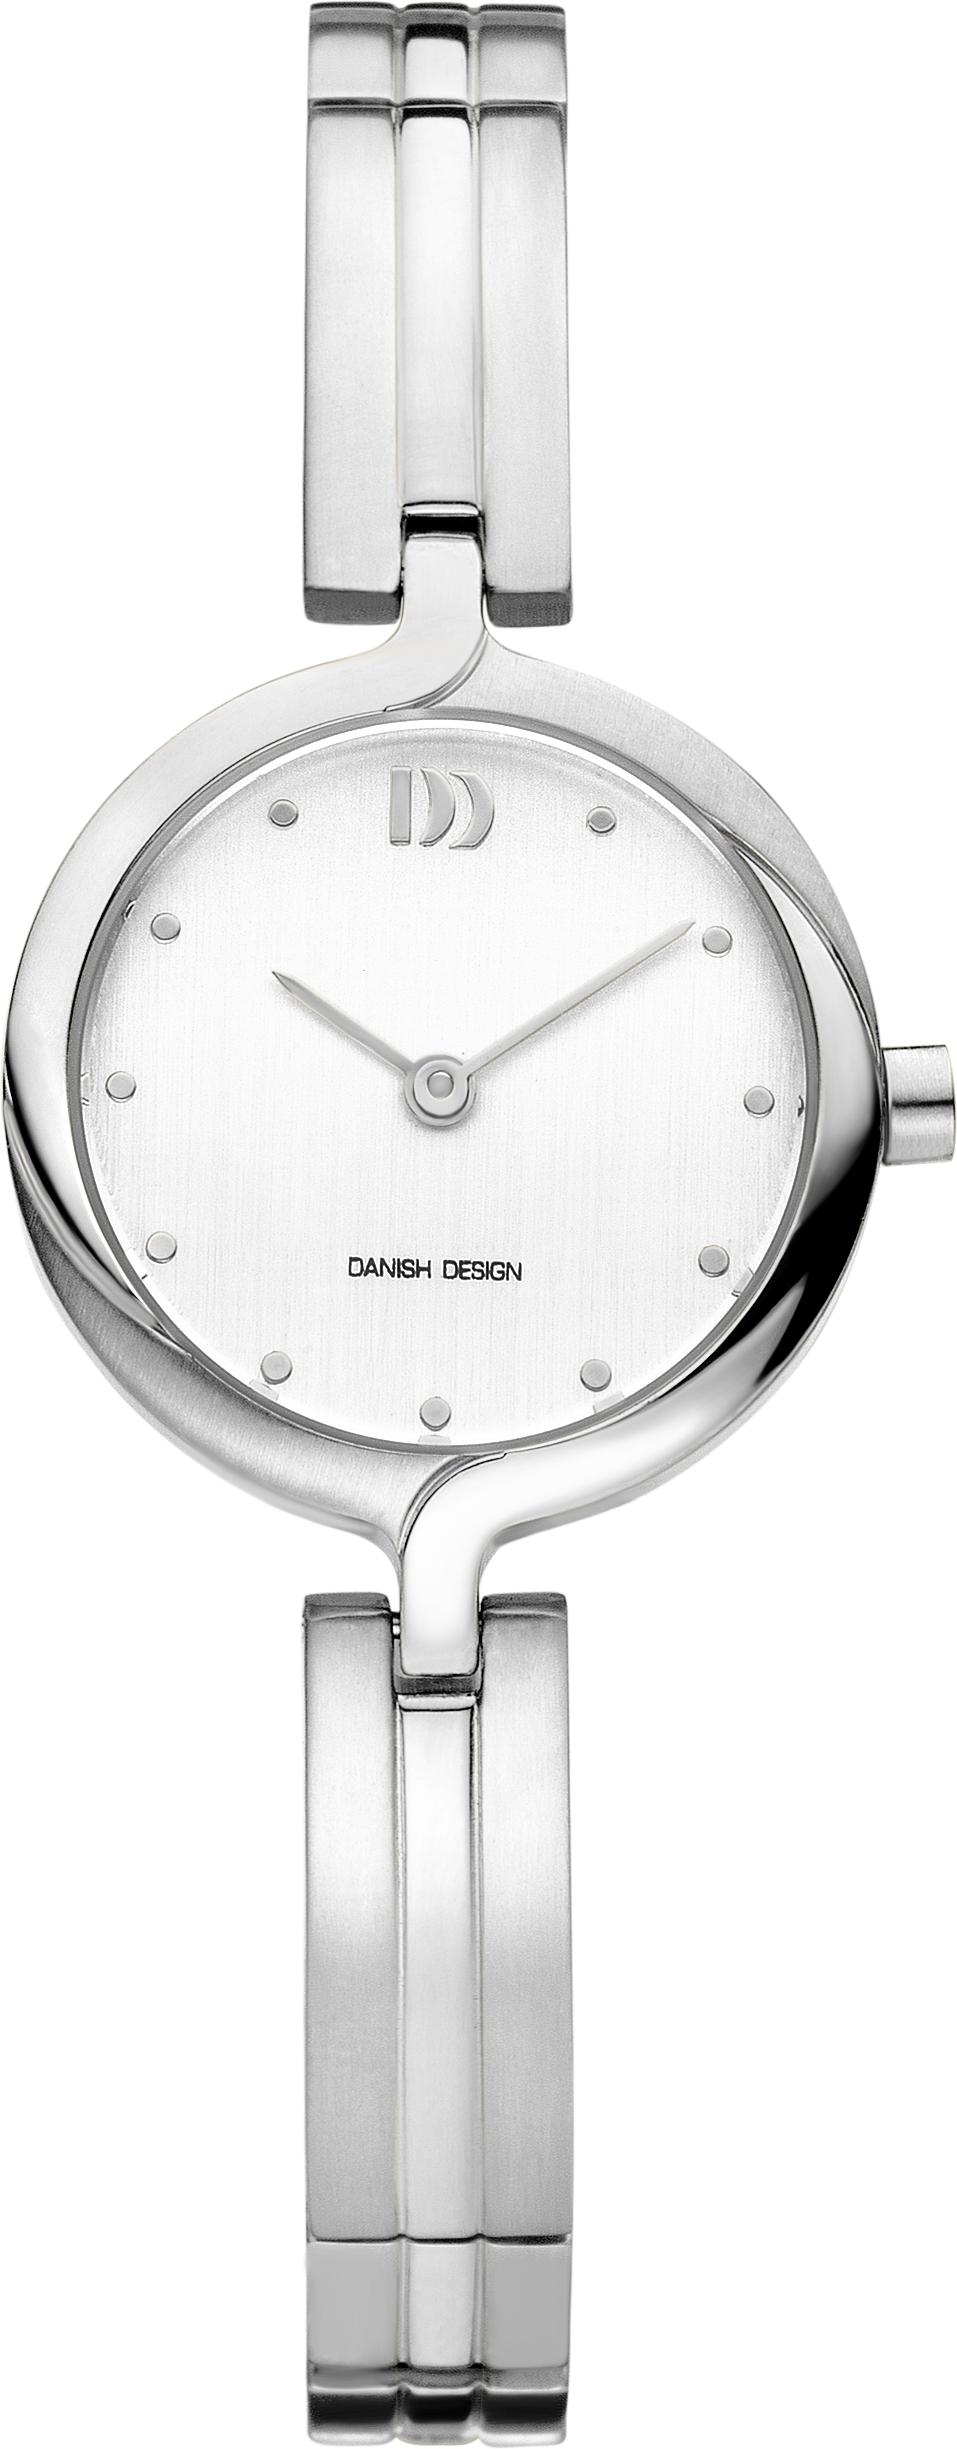 Danish Design Horloge 26 mm Titanium IV62Q990